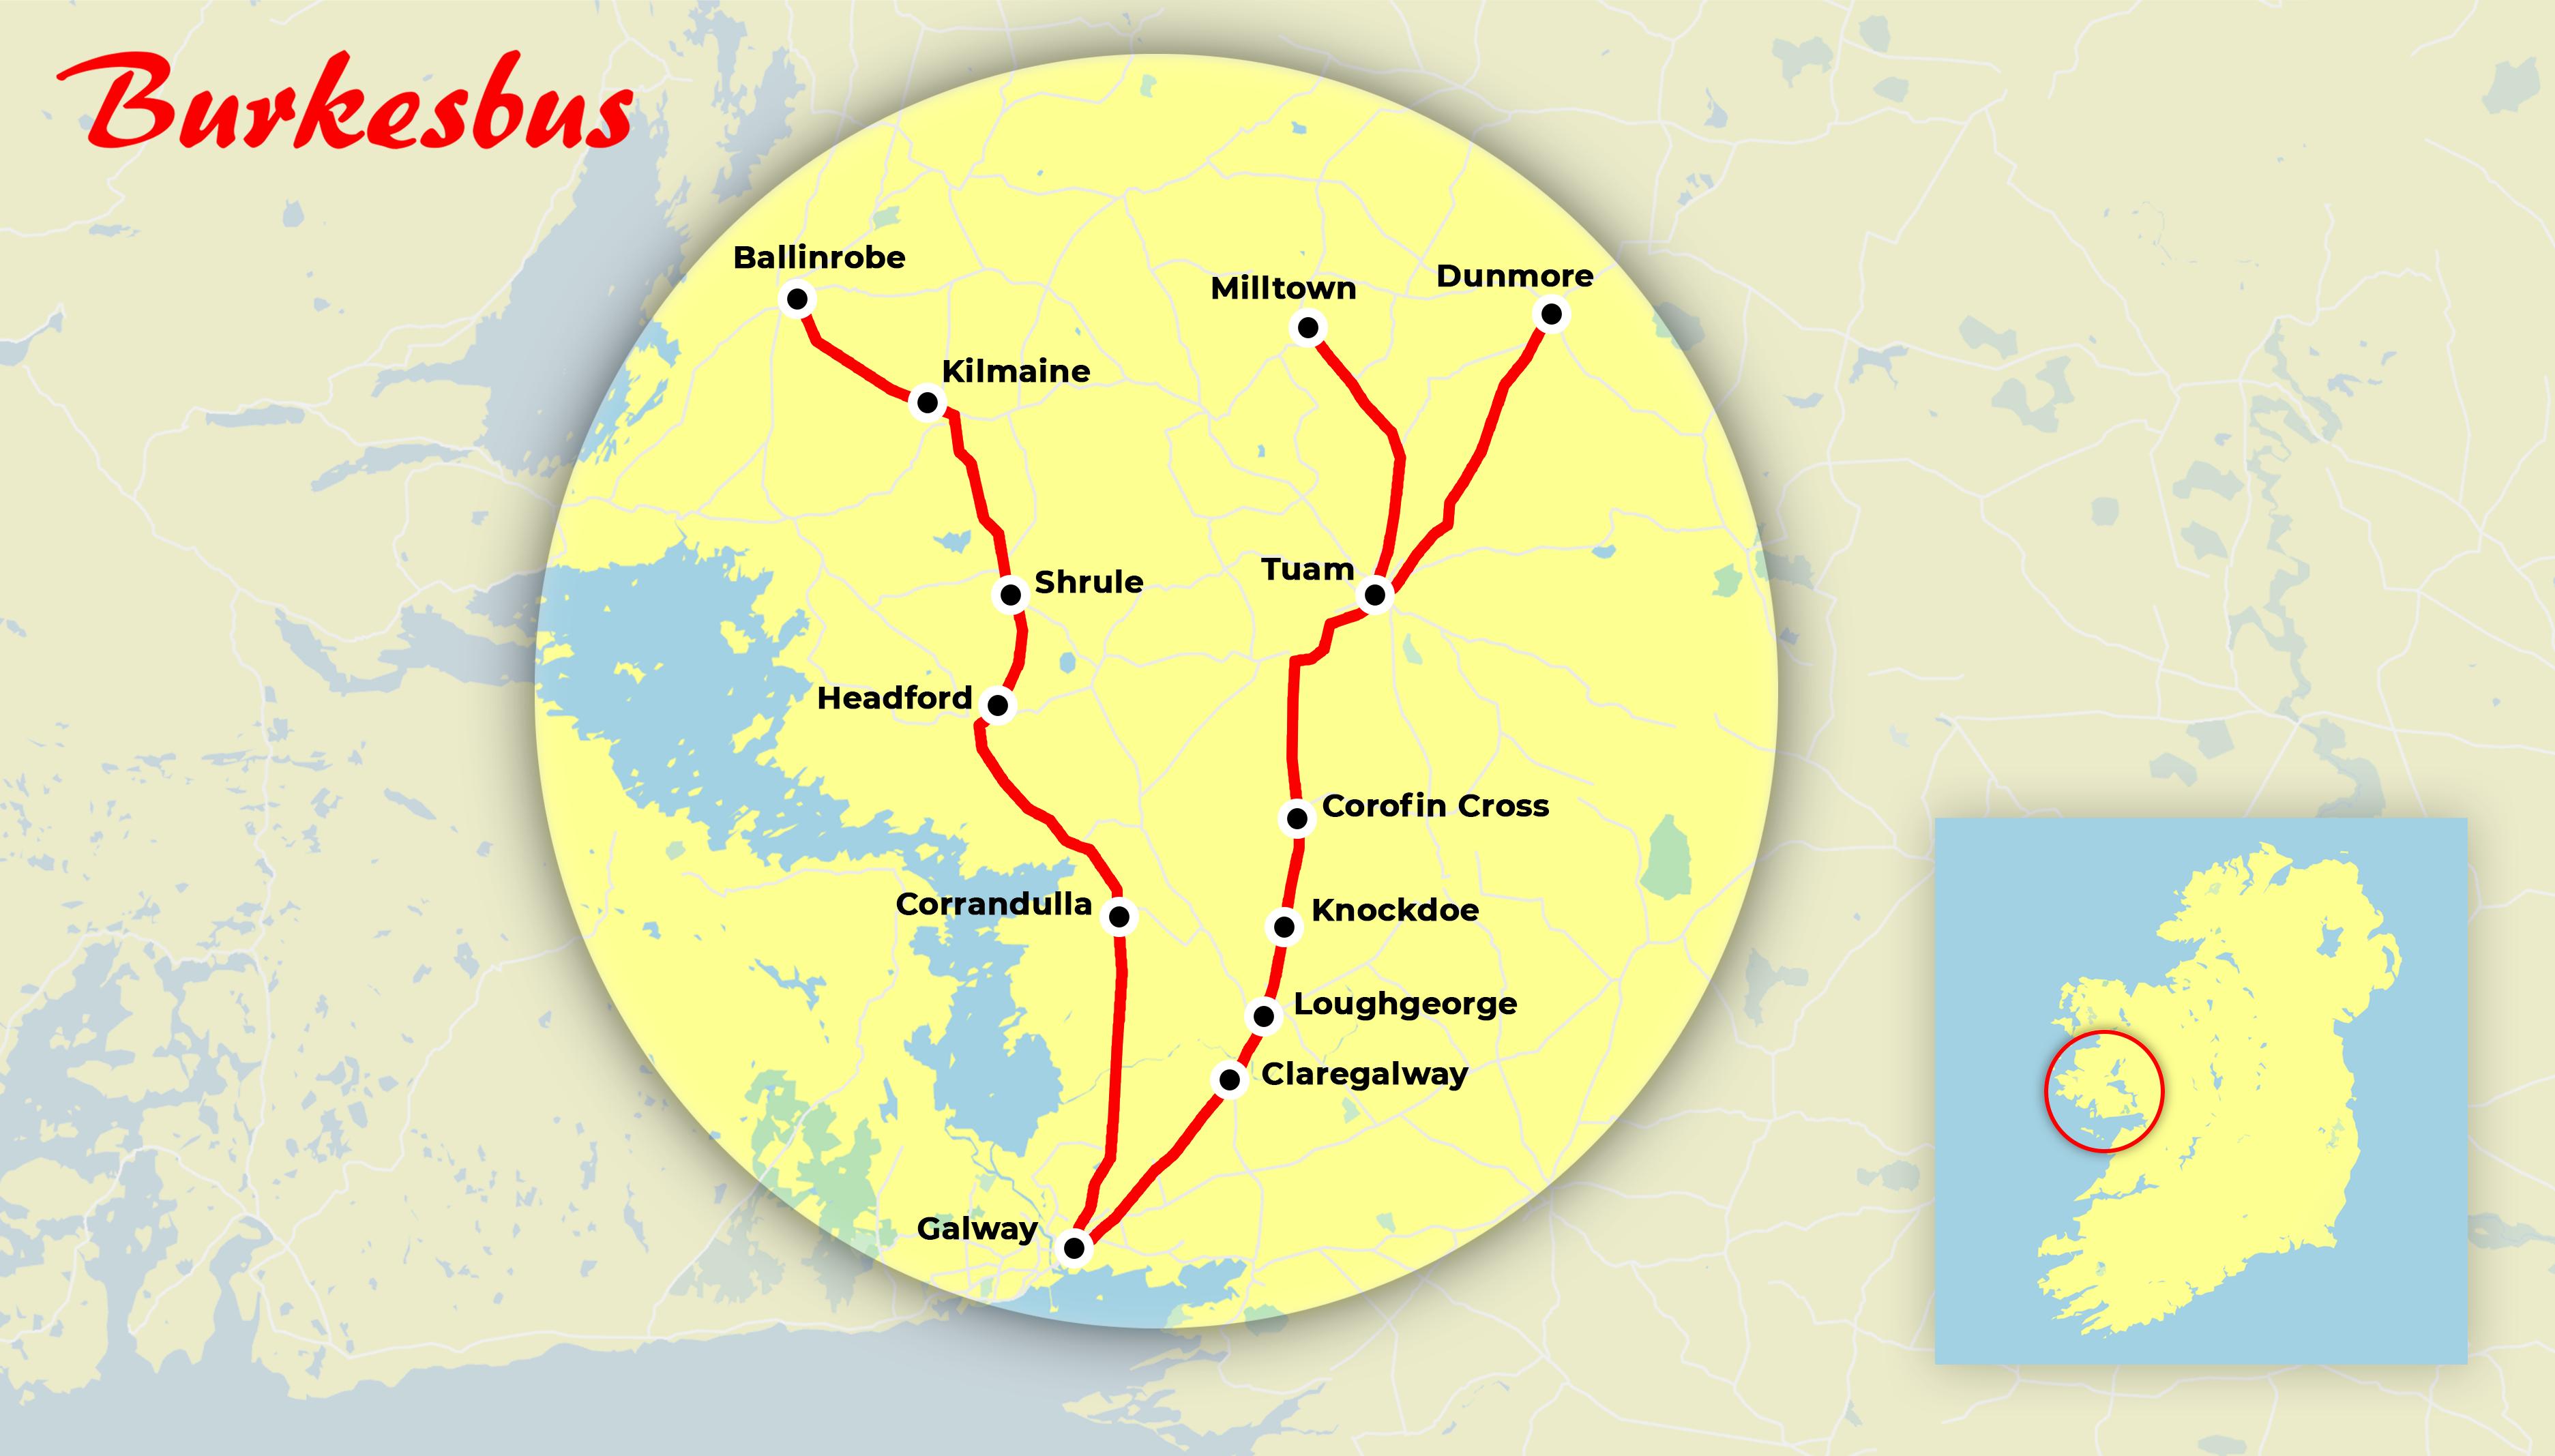 burkesbus-map